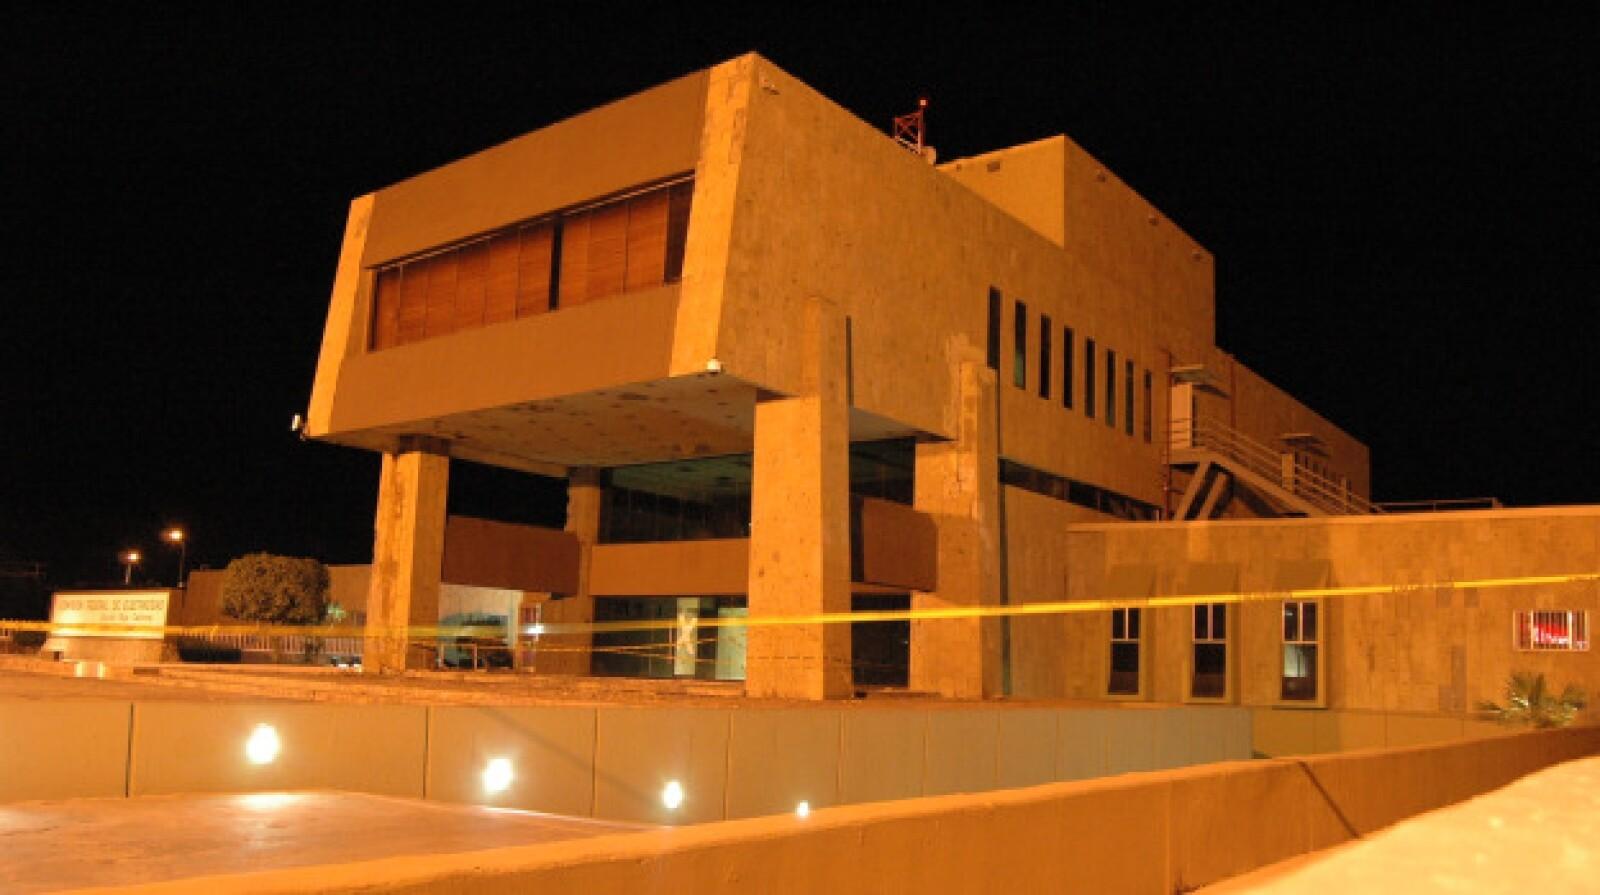 Las oficinas de la Comisión Federal de Electricidad, en el centro de Mexicali